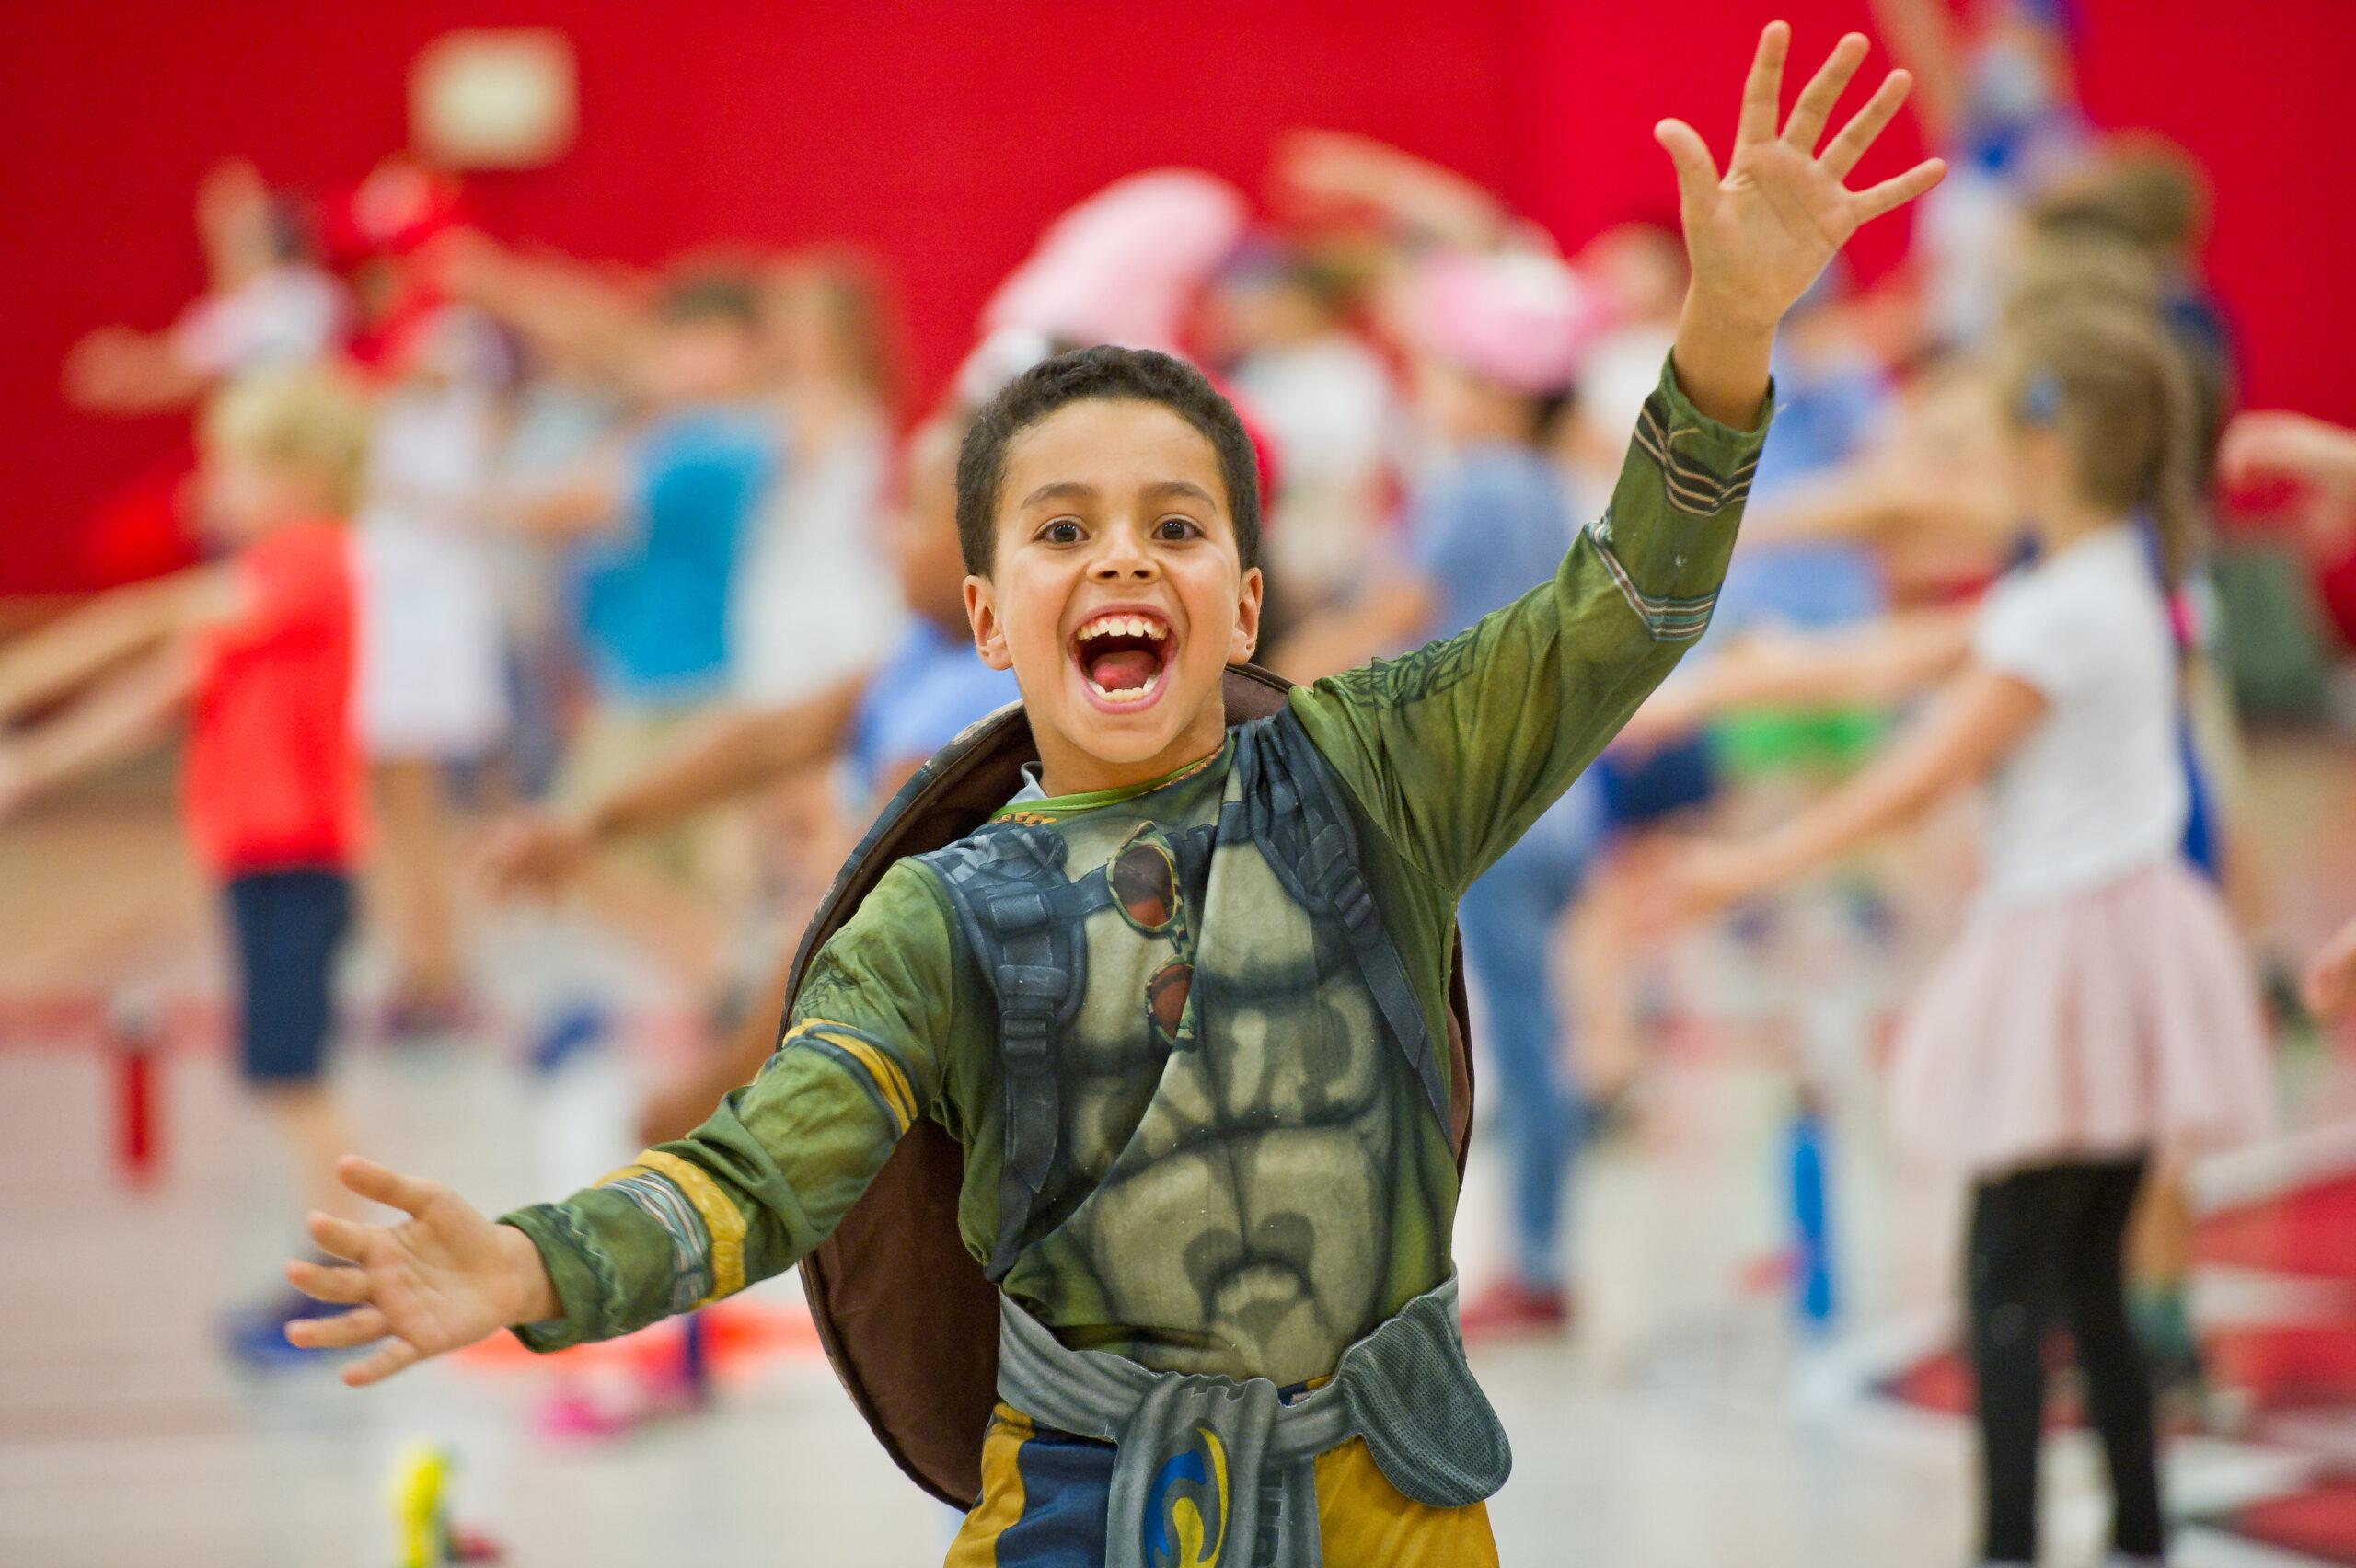 Jeune garçon déguisé en tortue au camp de jour